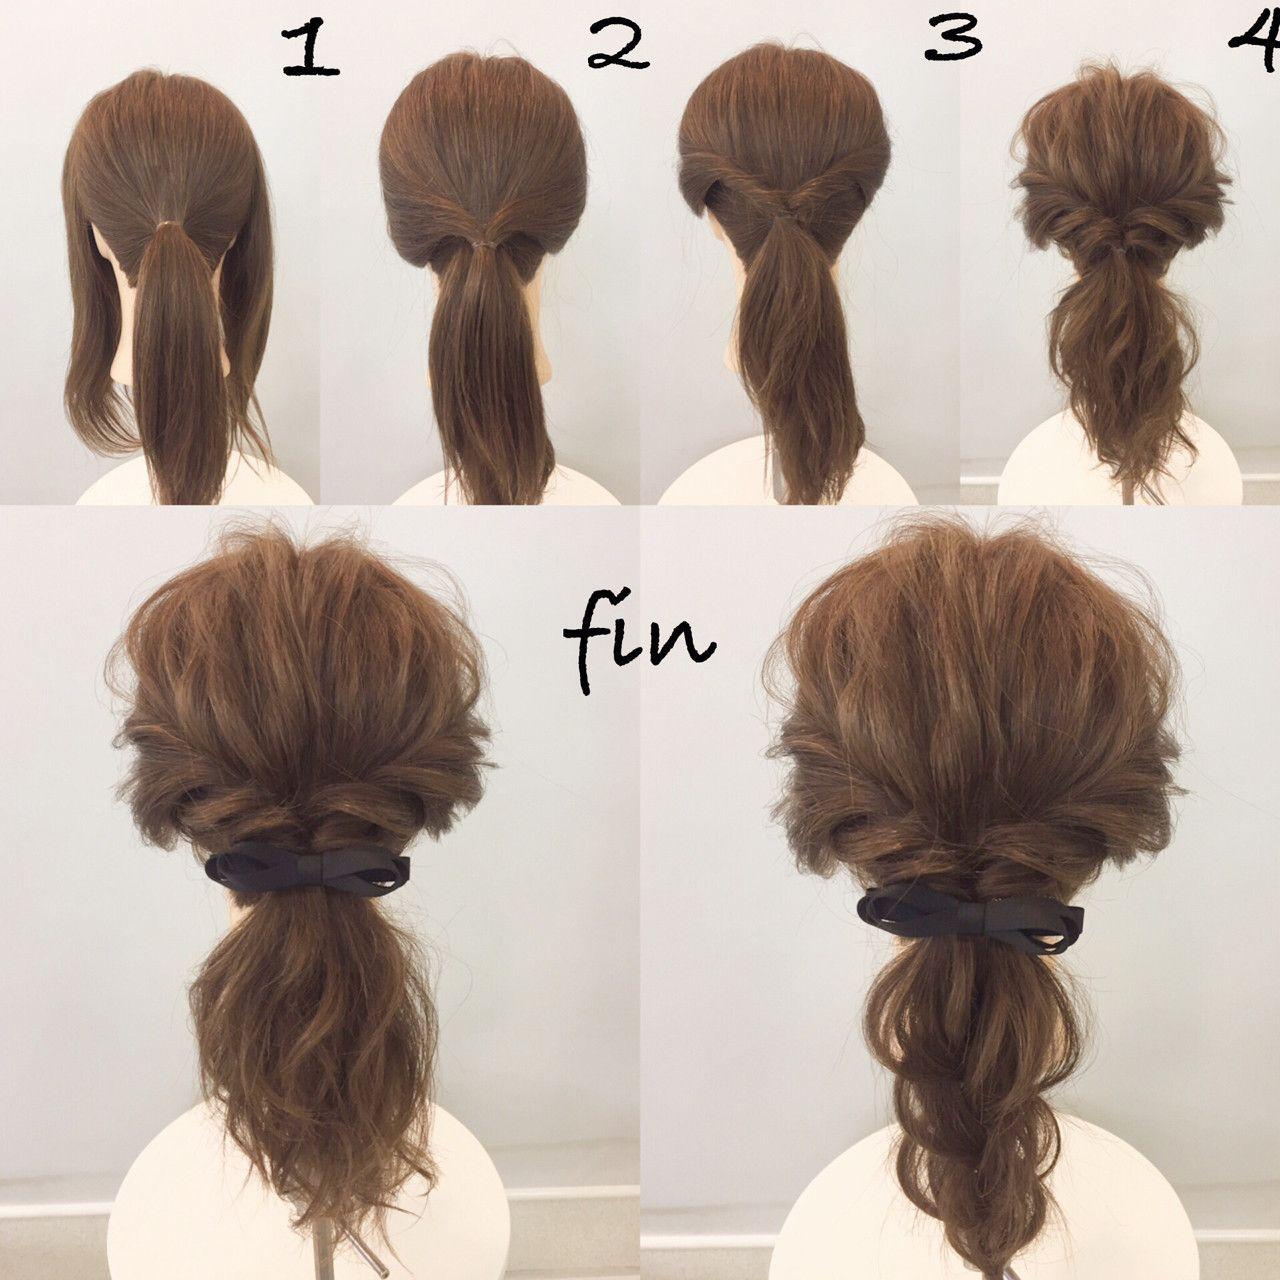 自分で簡単に出来るポニーテールアレンジ 1 サイドの髪をよけて耳の真ん中くらいの高さでポニーテールをつくる 2 サイドの髪をポニーテールの上のあたりで結ぶ 3 2をくるりんぱする 4 全体的に崩して ヘアアクセでゴムを隠して完成 ポニーテールの